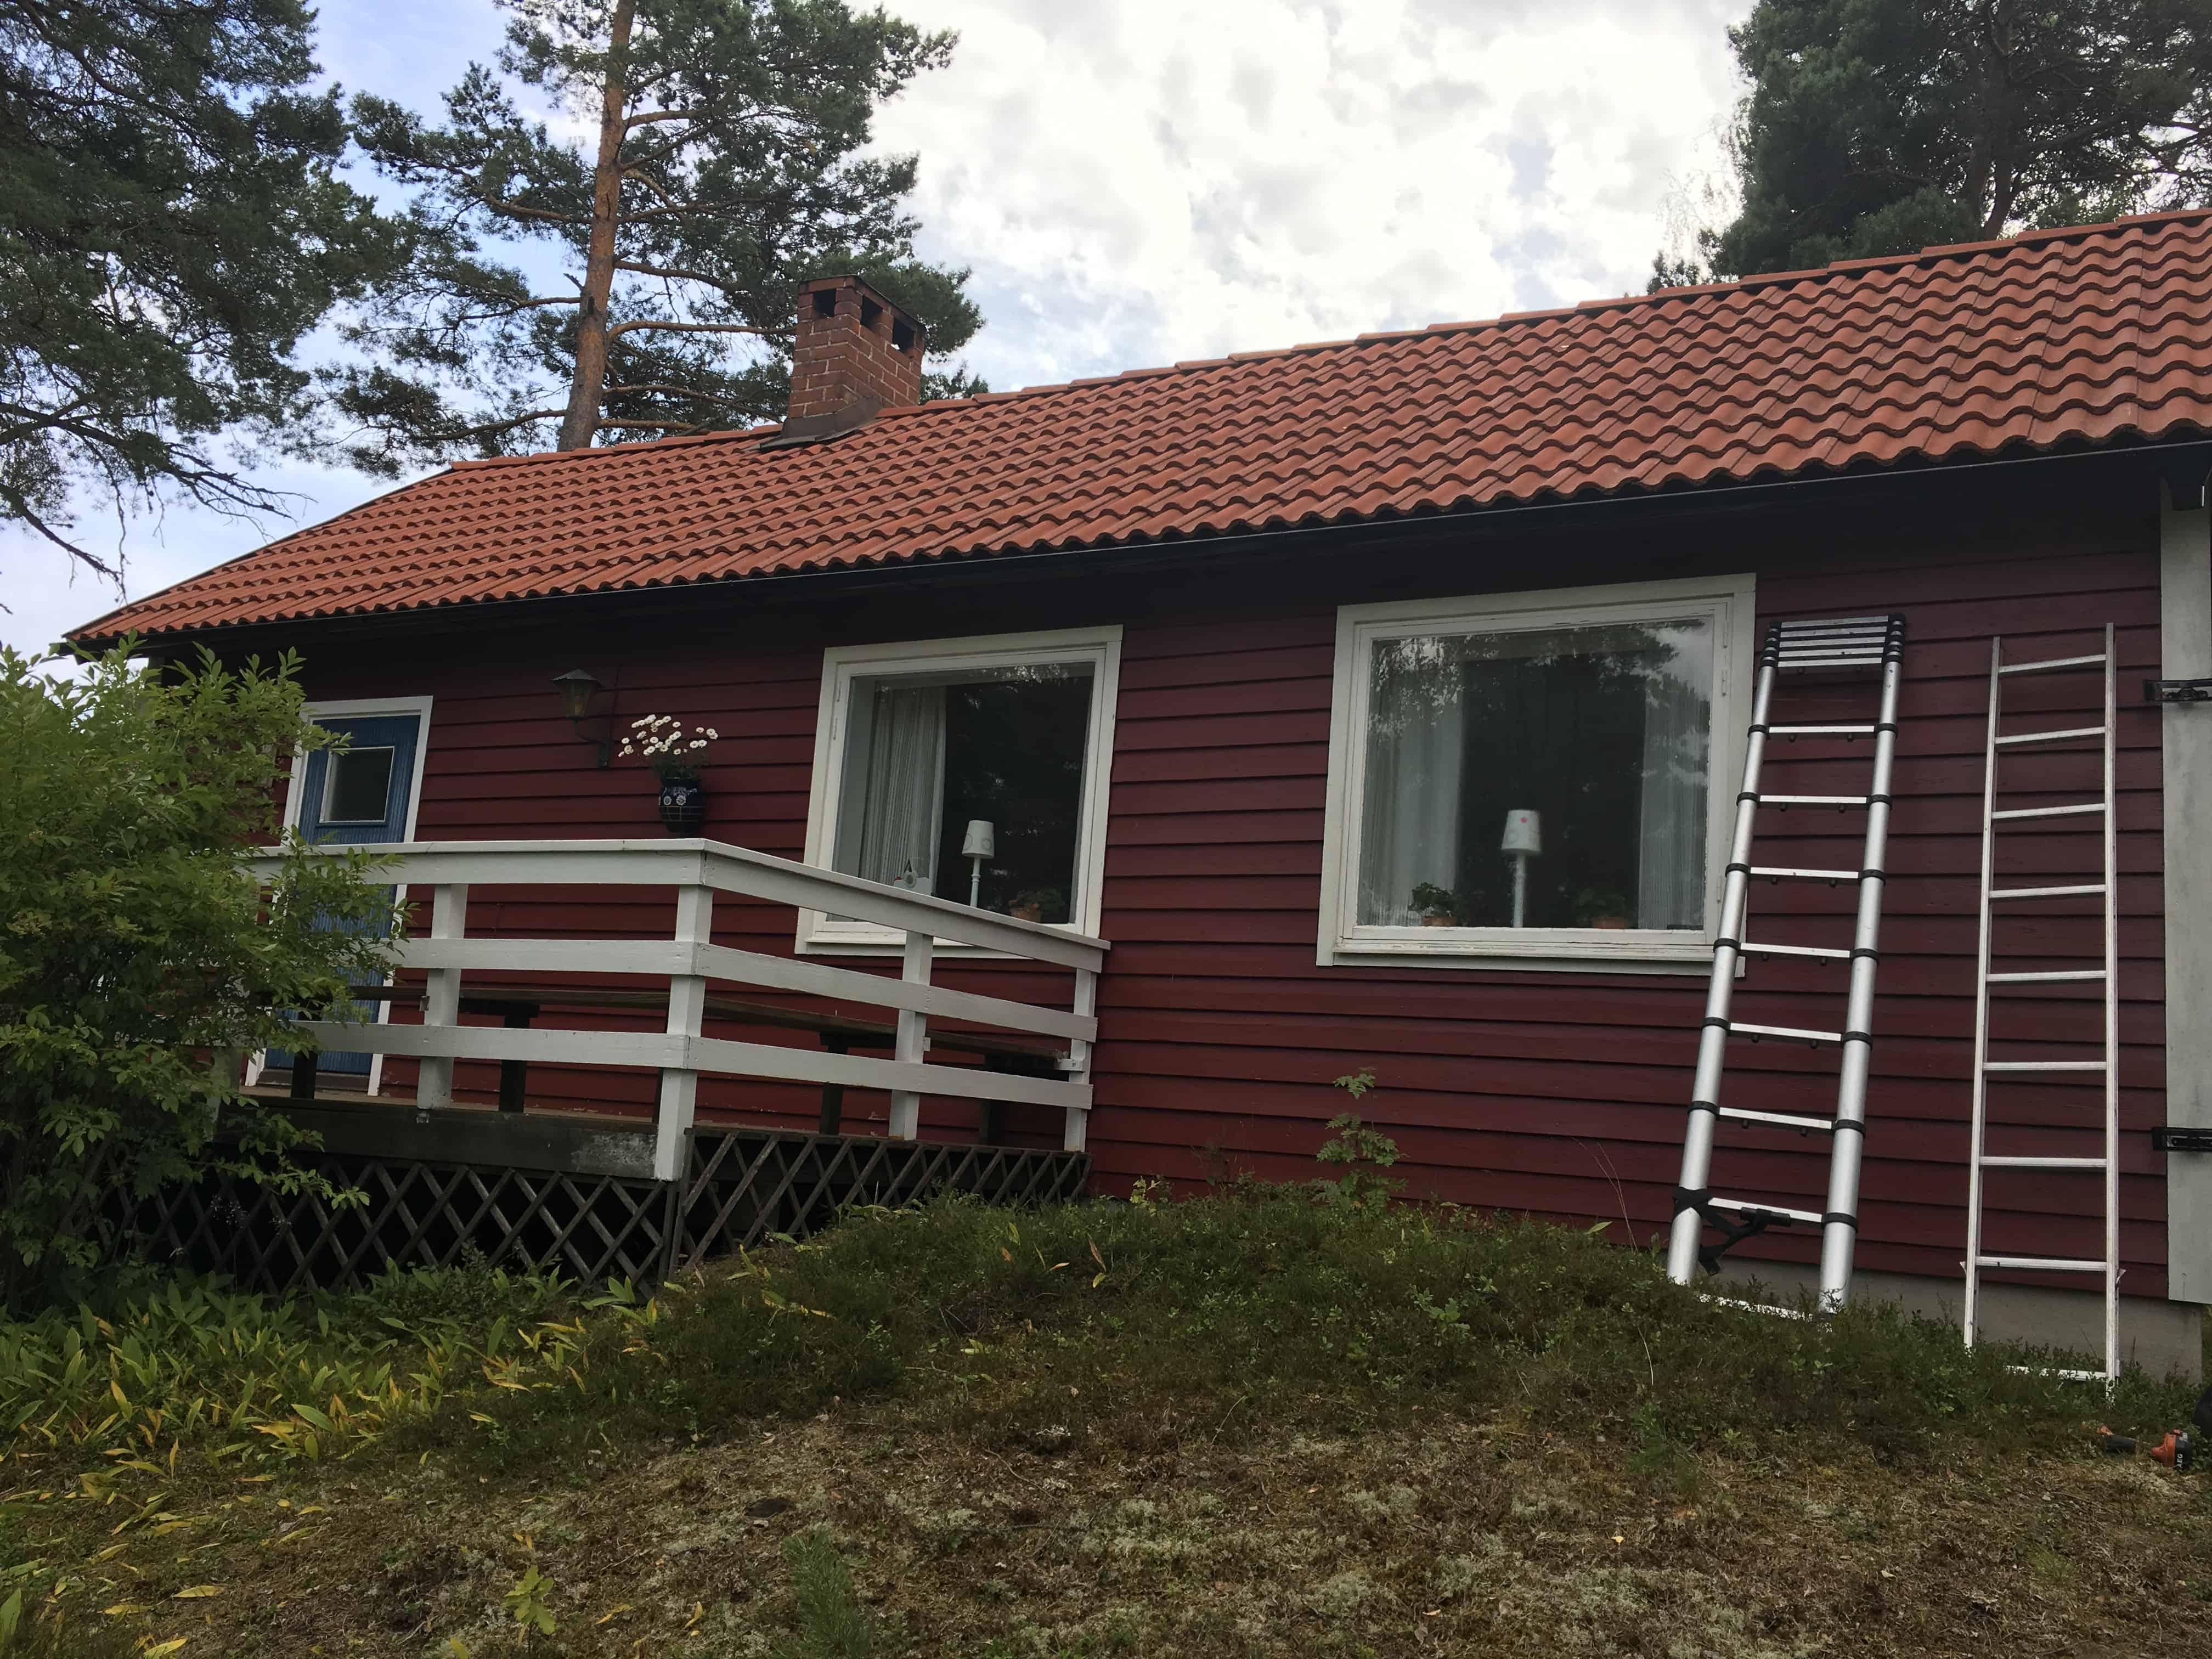 """Referensjobb """"Taktvätt"""" utfört av LS Tak Sverige AB"""